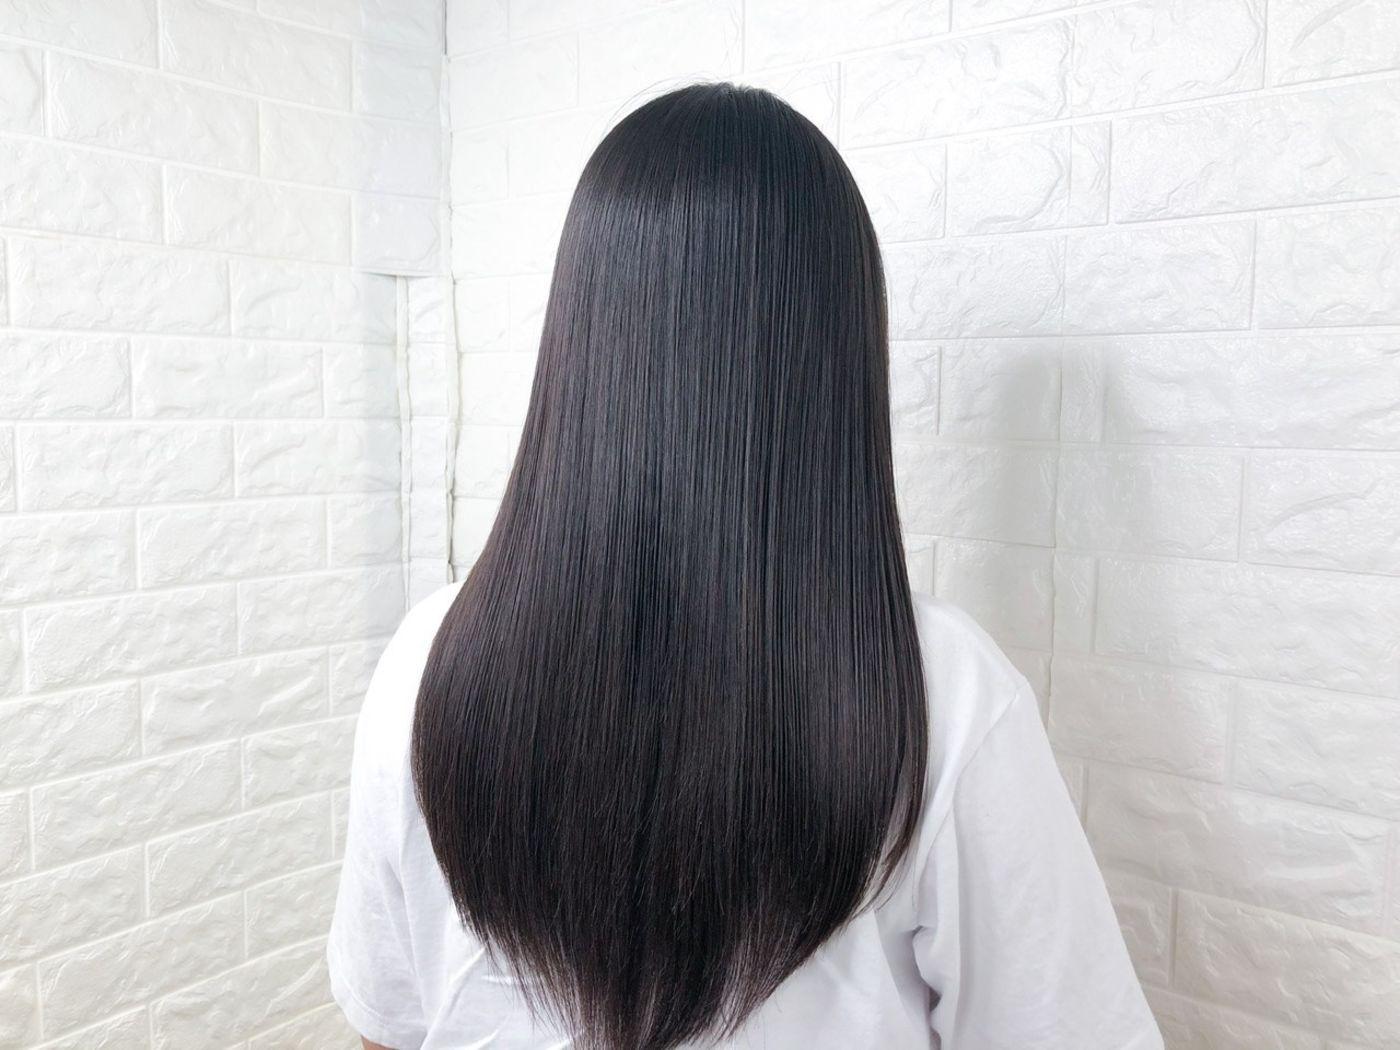 髪質を改善する「酸熱トリートメント」って何?